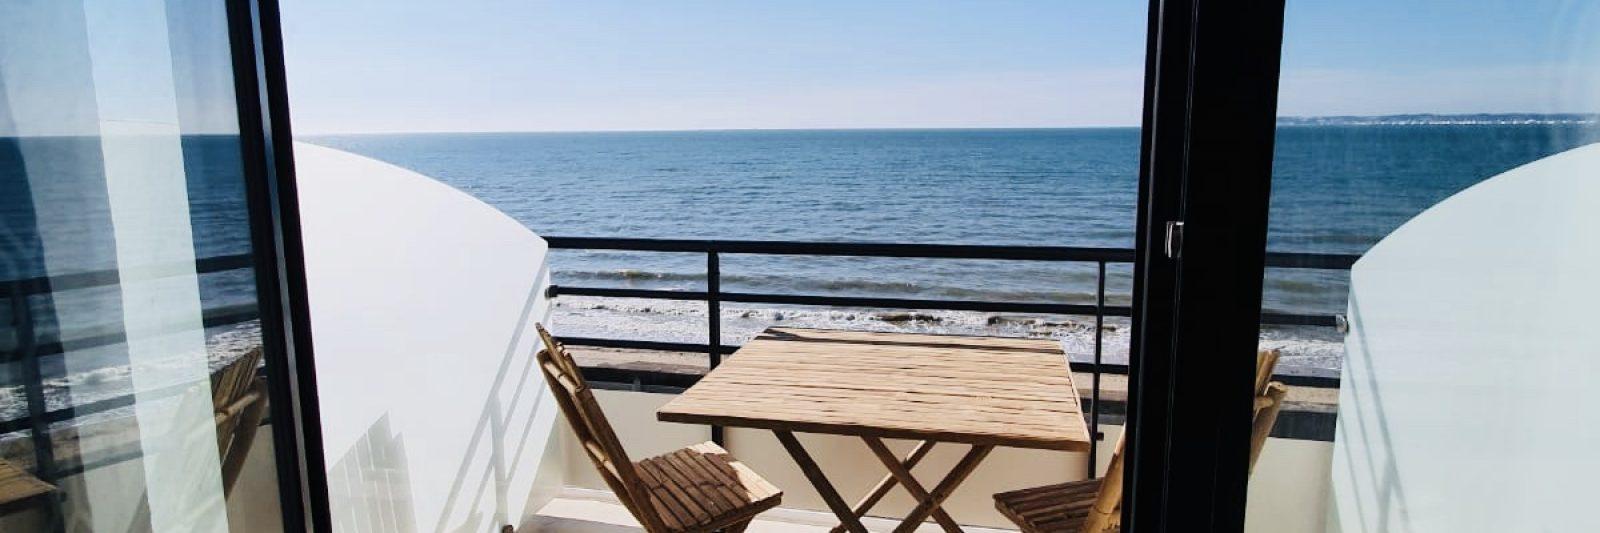 Cabines Confort-Hôtel Le Paquebot-Deauville-Villerville-vue mer-Normandie